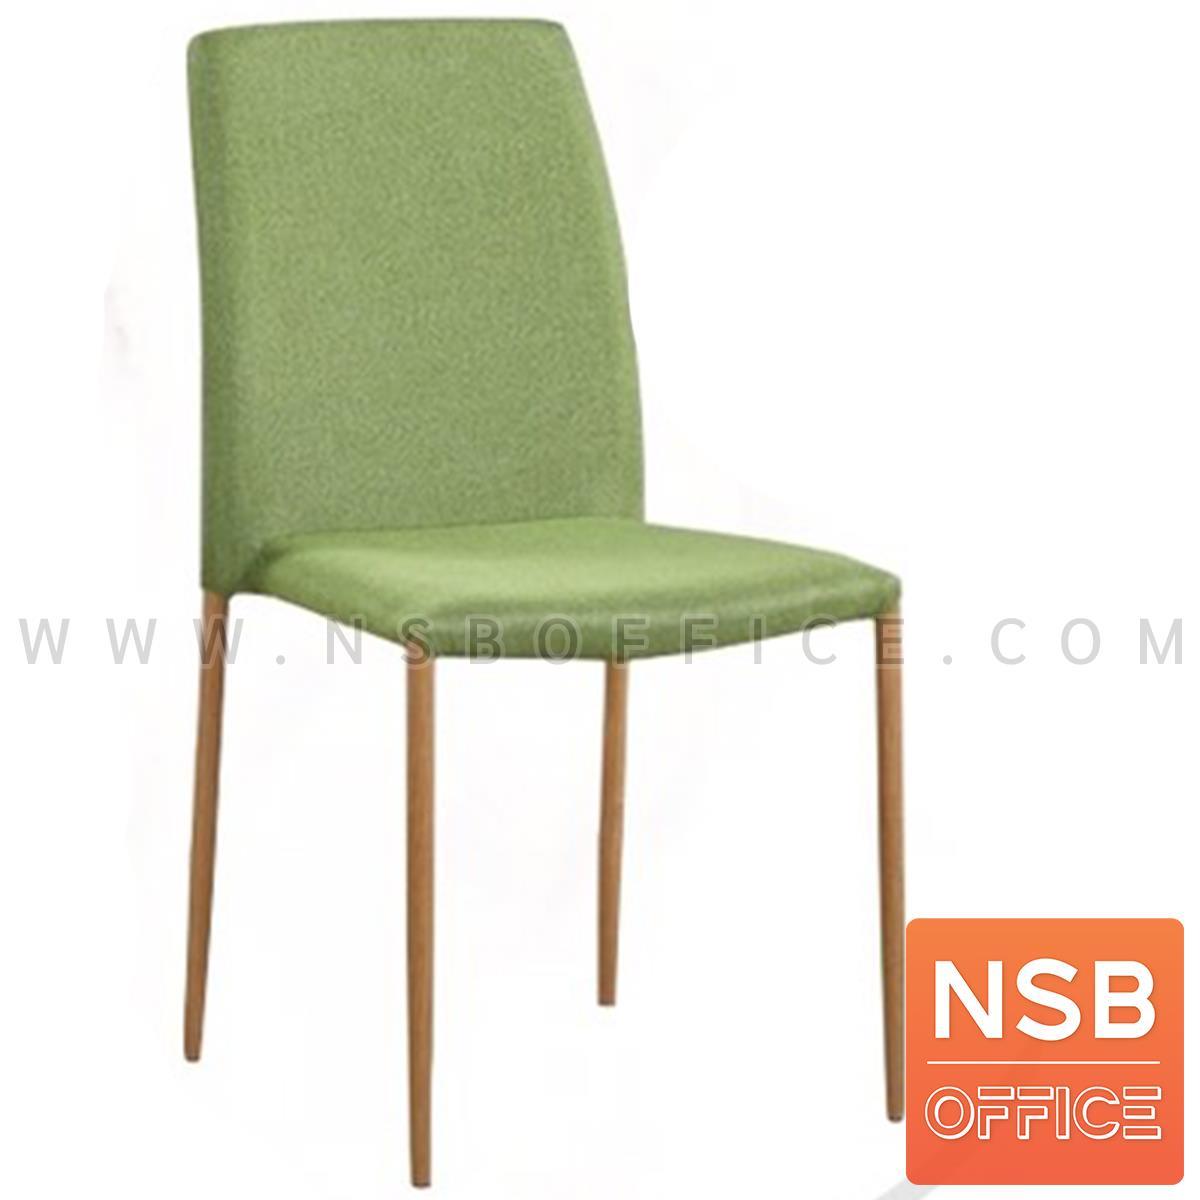 เก้าอี้รับประทานอาหาร รุ่น Romance (โรแมนซ์) หุ้มผ้า ขาเหล็กลายไม้วีเนียร์